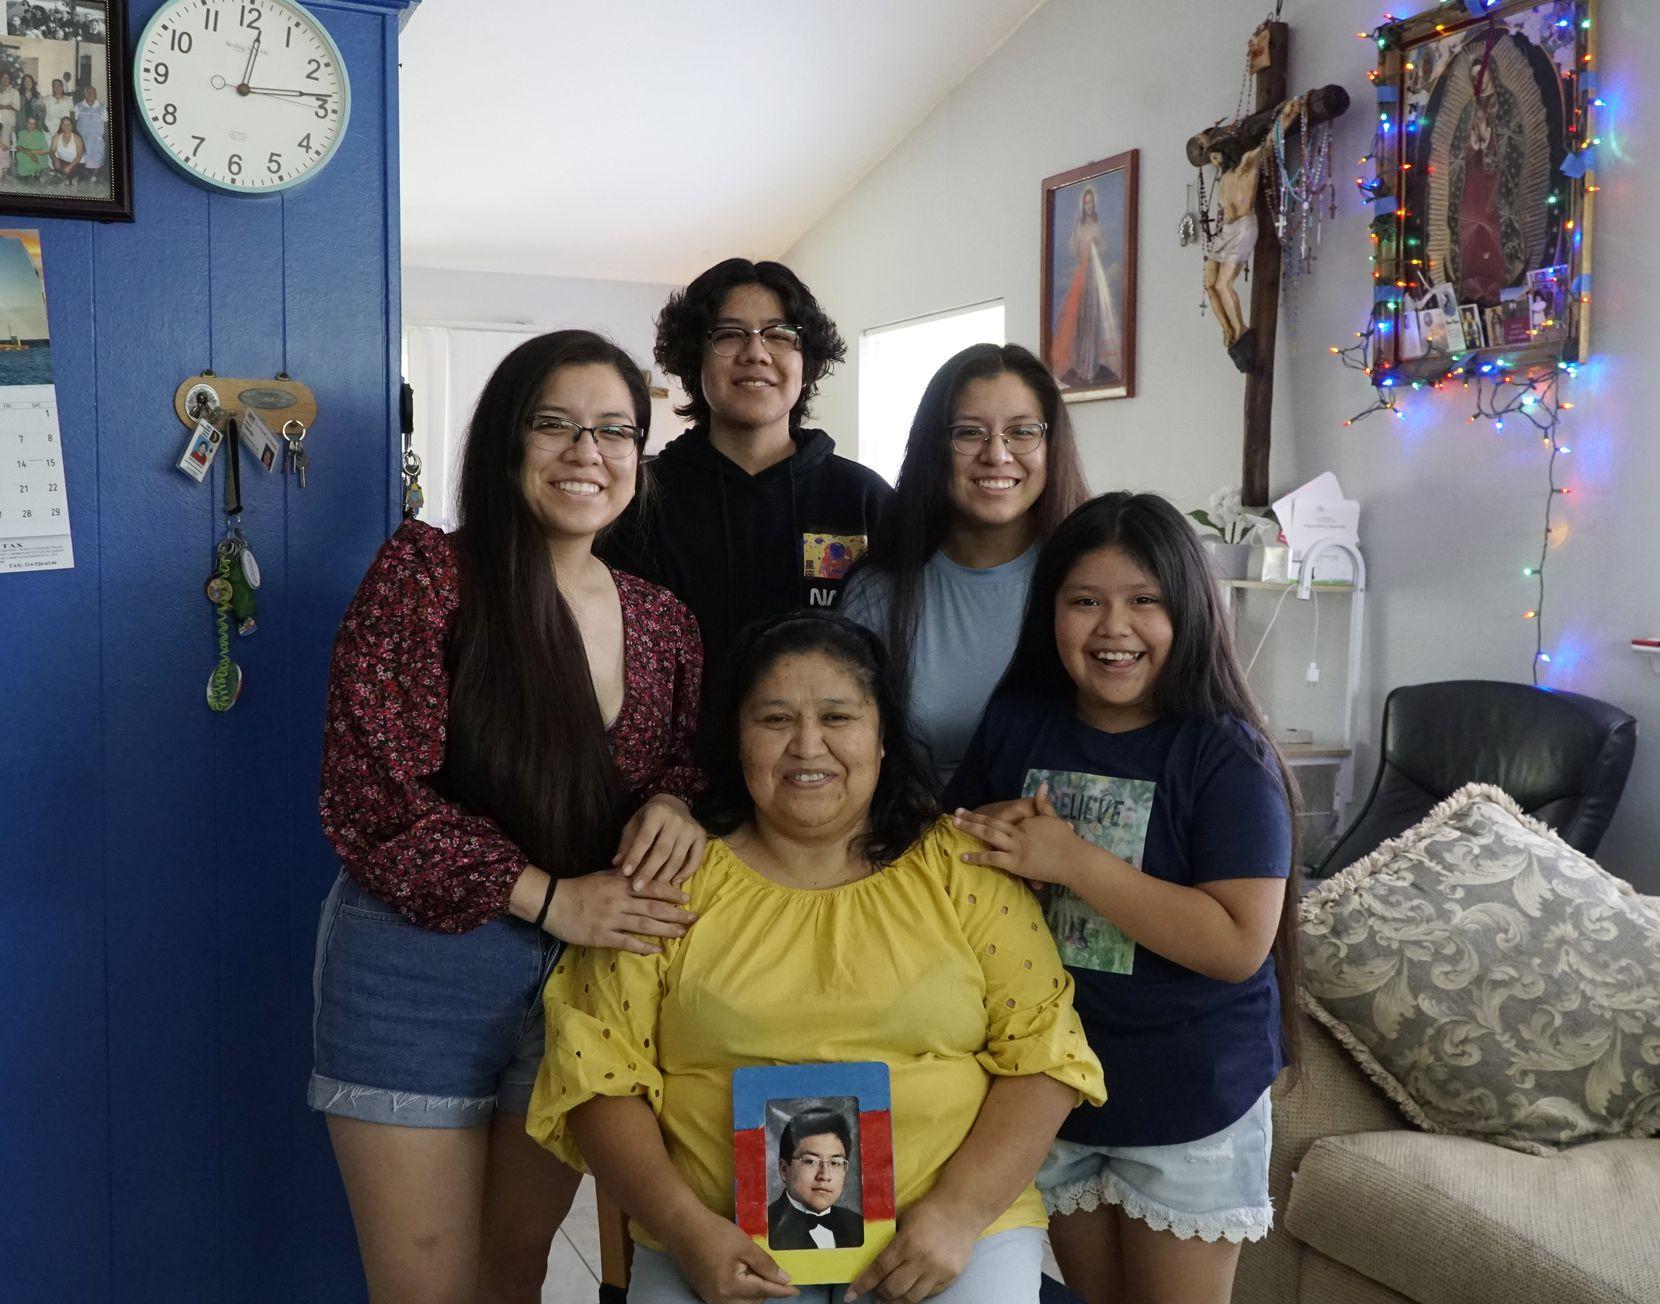 Susana García con sus hijos Estrella (21), Baltazar (16), Lucero (21) y Susana (8). García sostiene una fotografía de su hijo Oziel, quien fue asesinado el 4 de julio del 2017 y por quien se inspiró para hacer su trabajo comunitario.